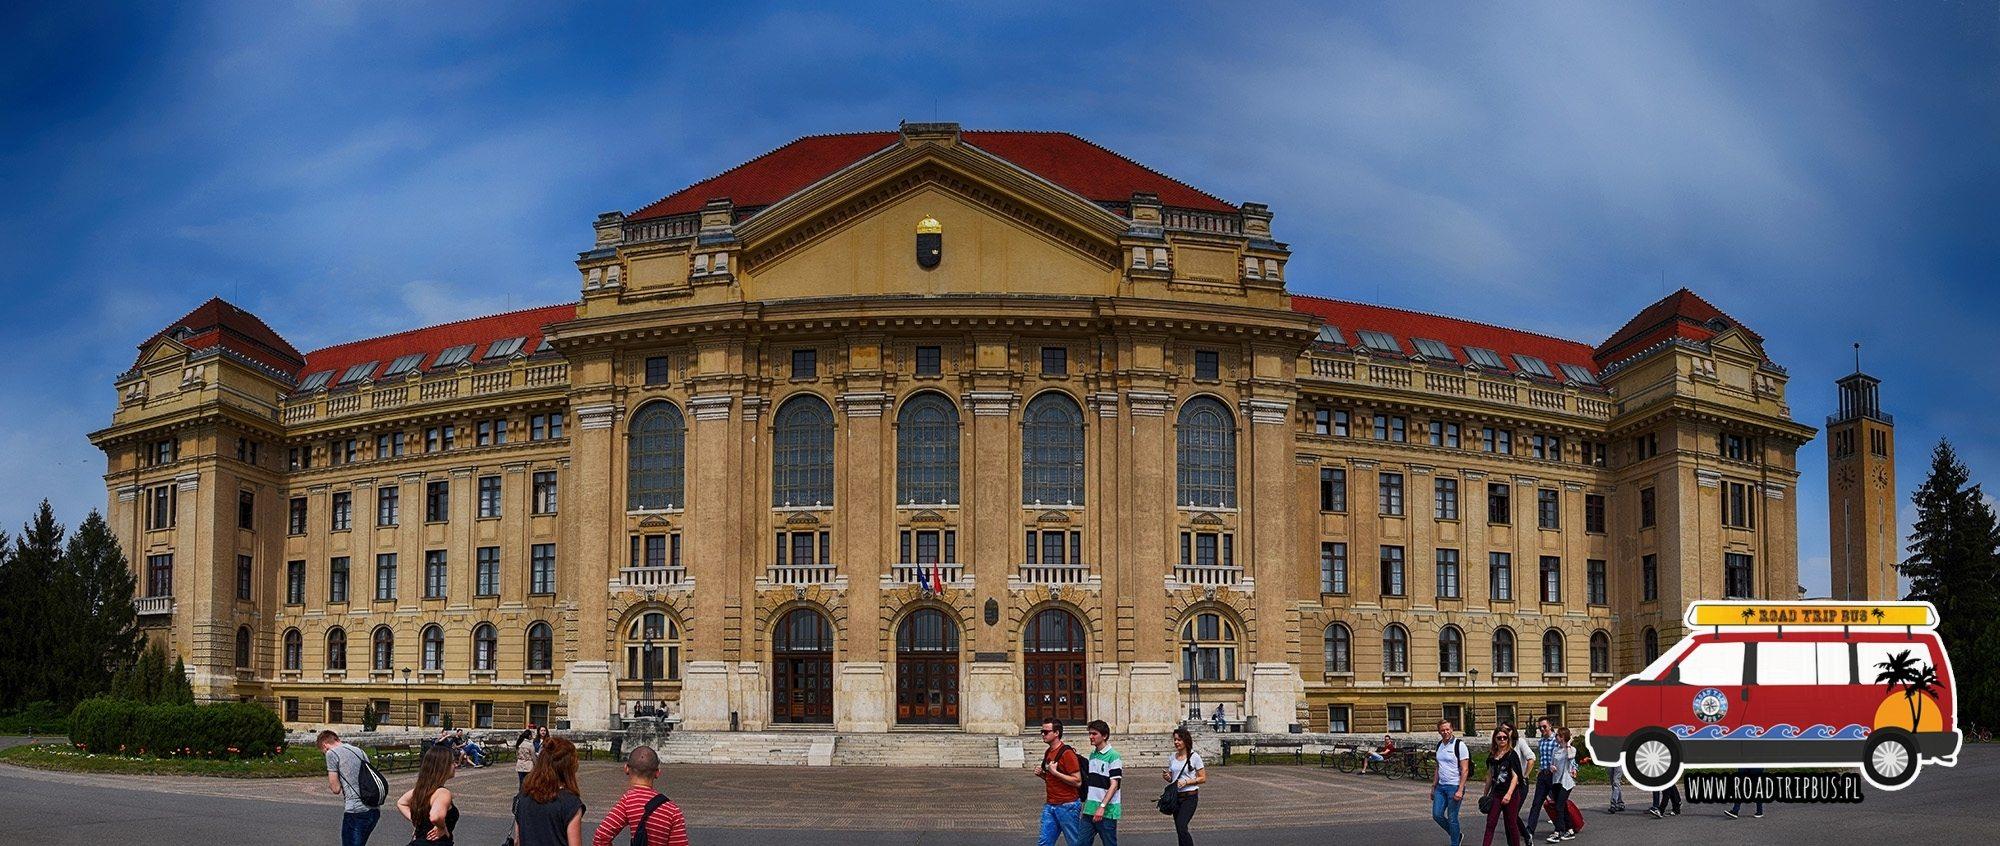 Uniwersytet Debreczyn